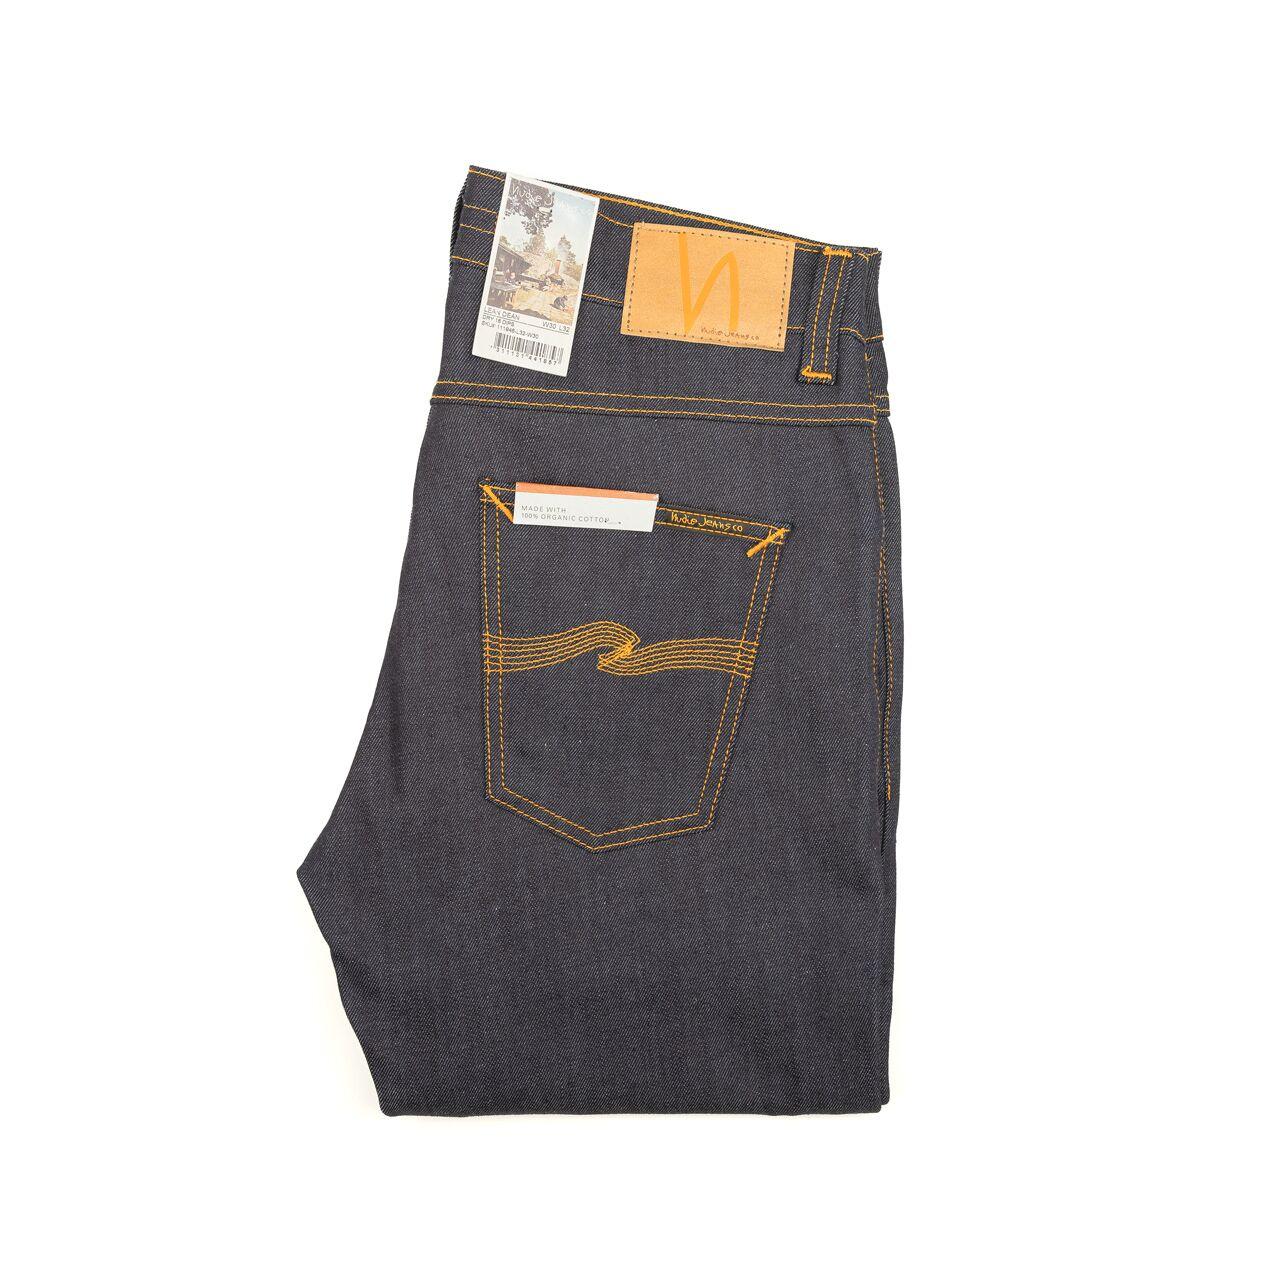 Nudie Jeans - LEAN DEAN - Dry 16 Dips